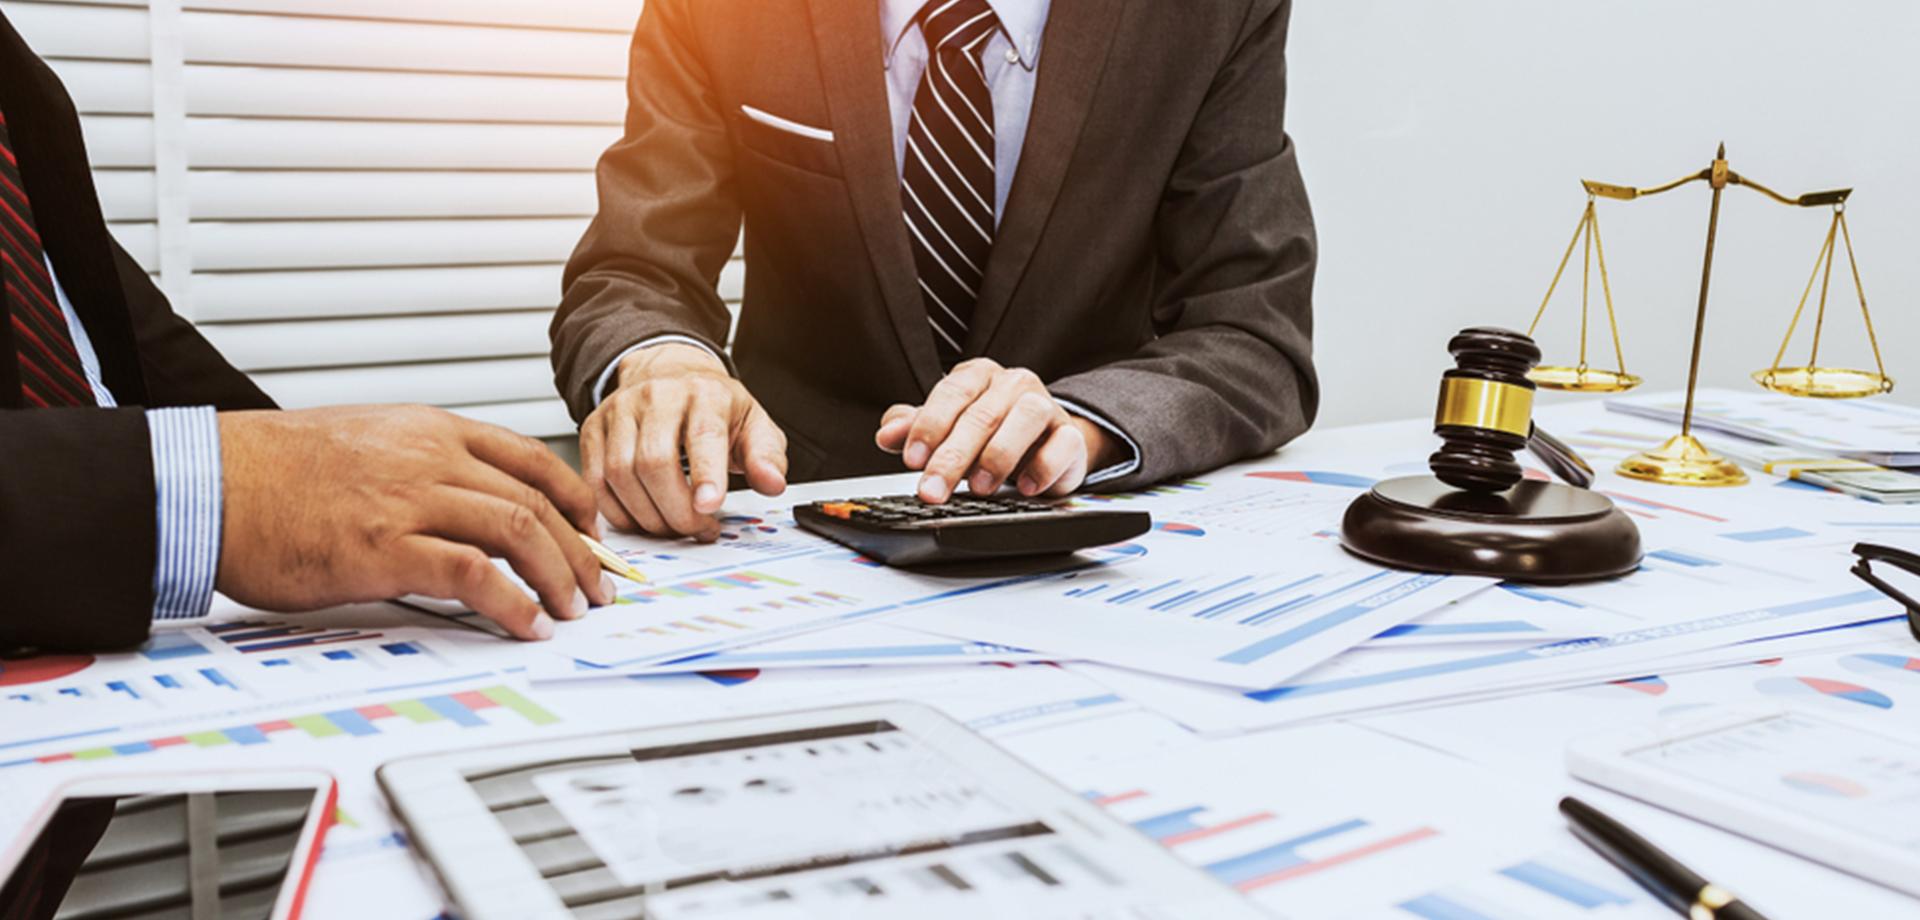 en inversión, asesoría legal y tributaria y precios de transferencia.